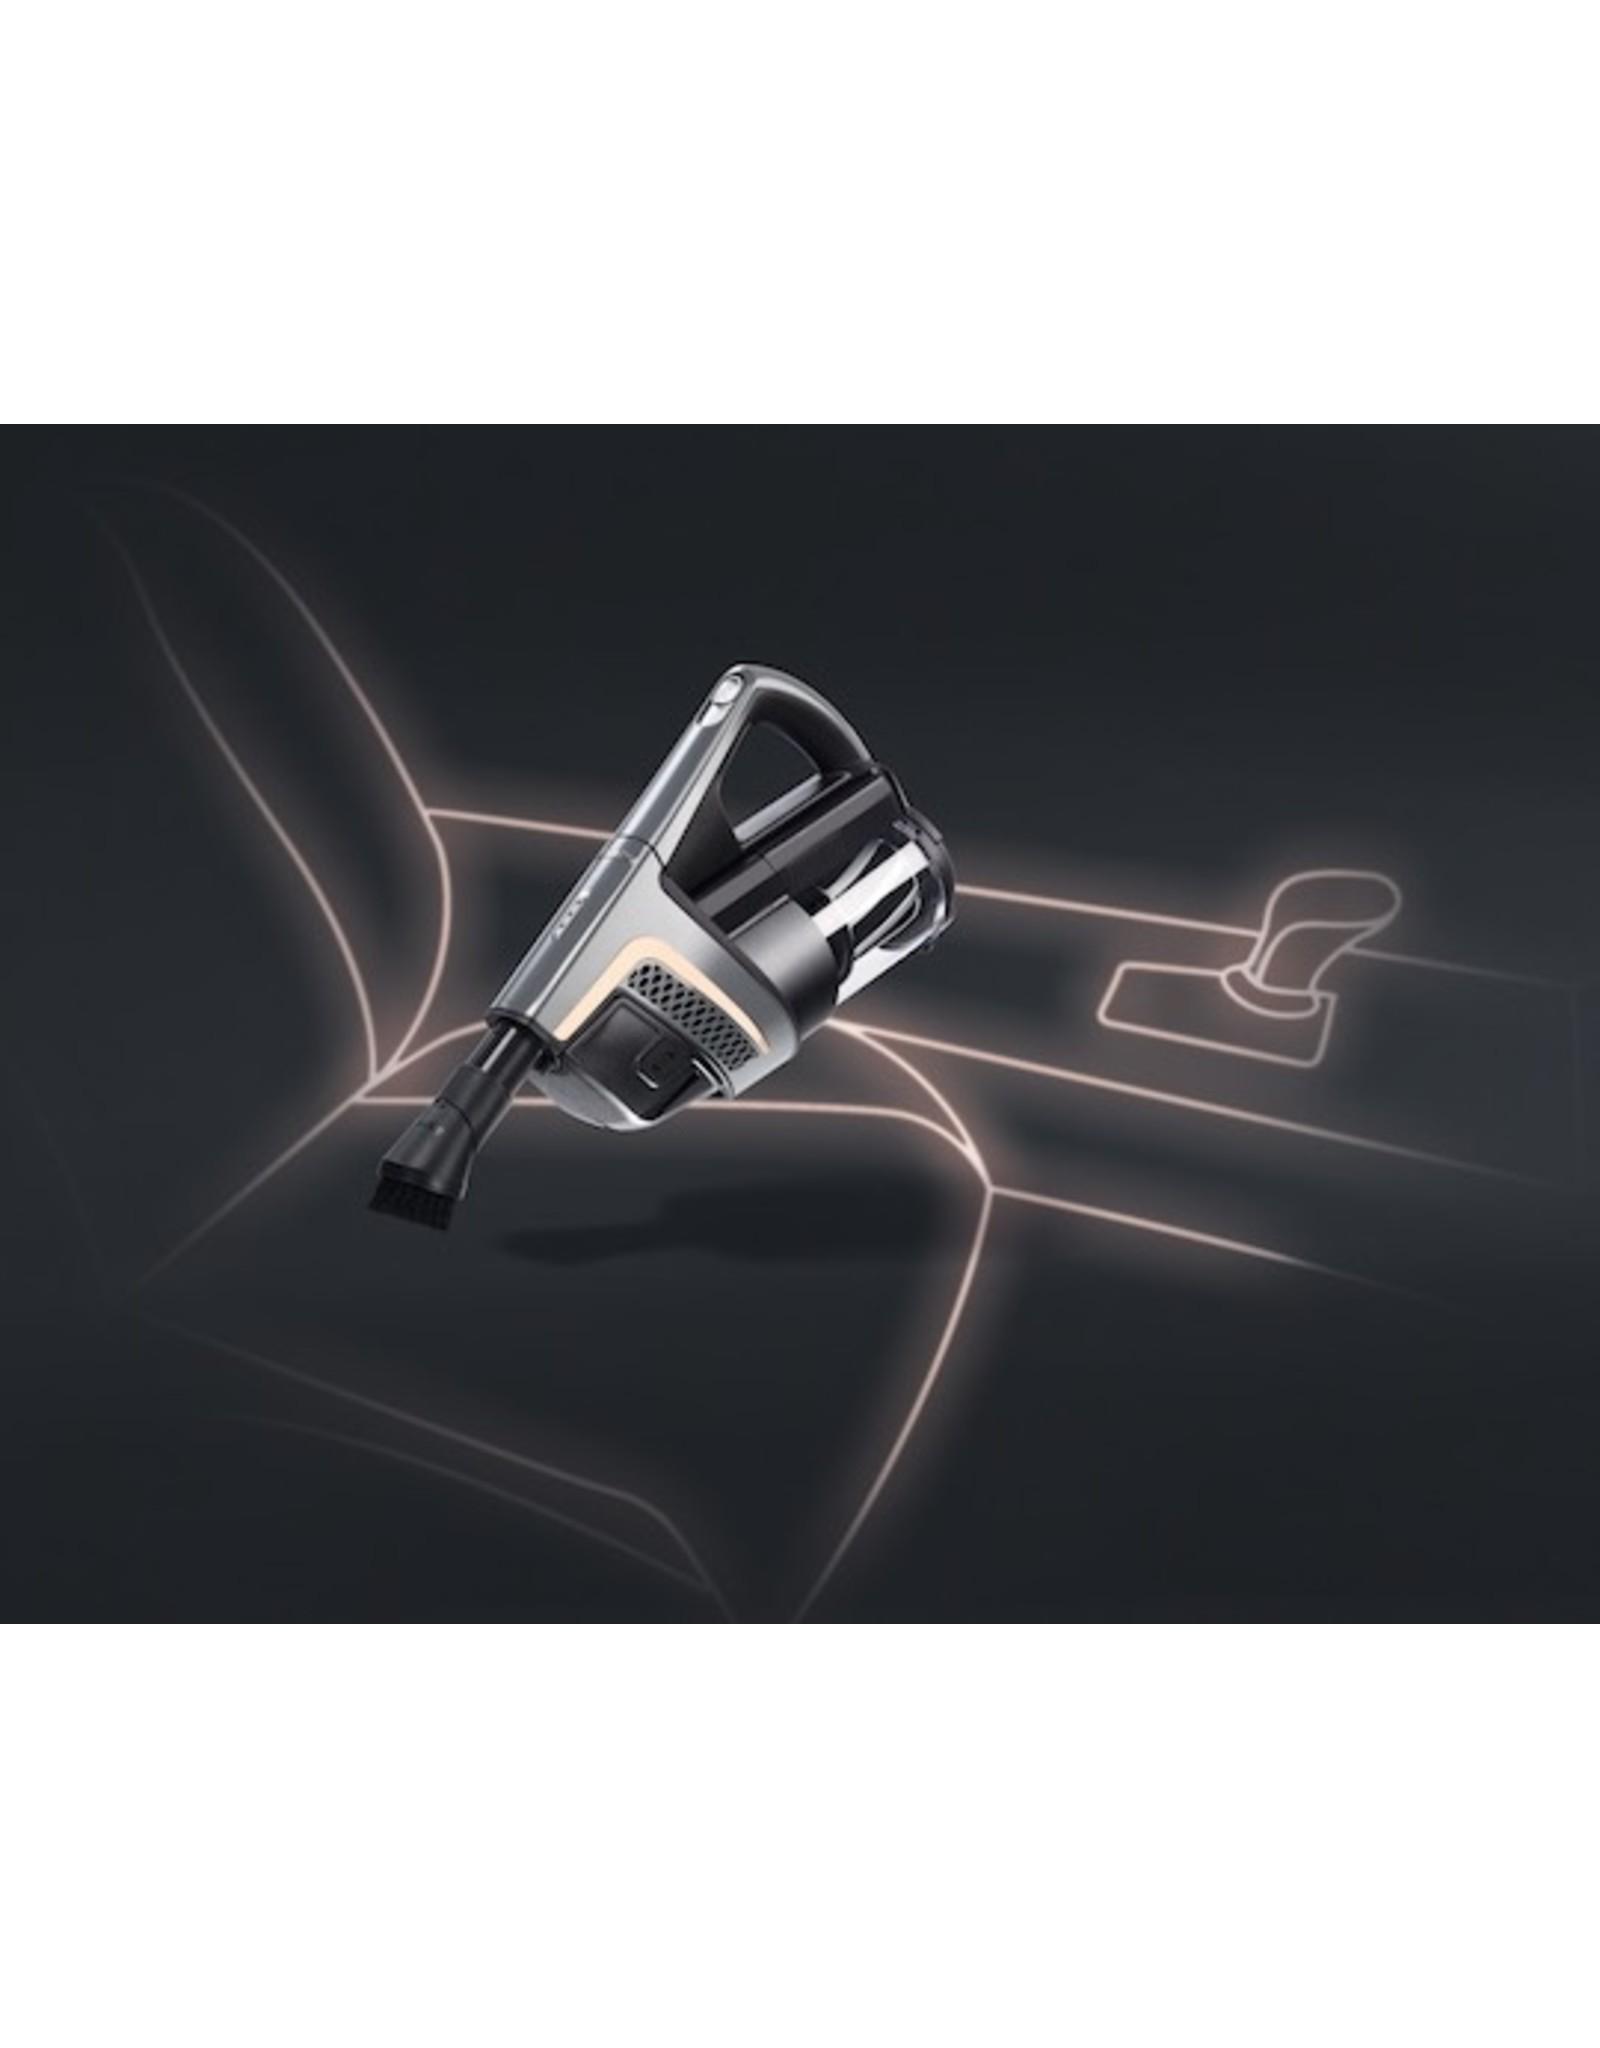 Miele Miele Triflex HX1 - SMUL0 Graphite Grey